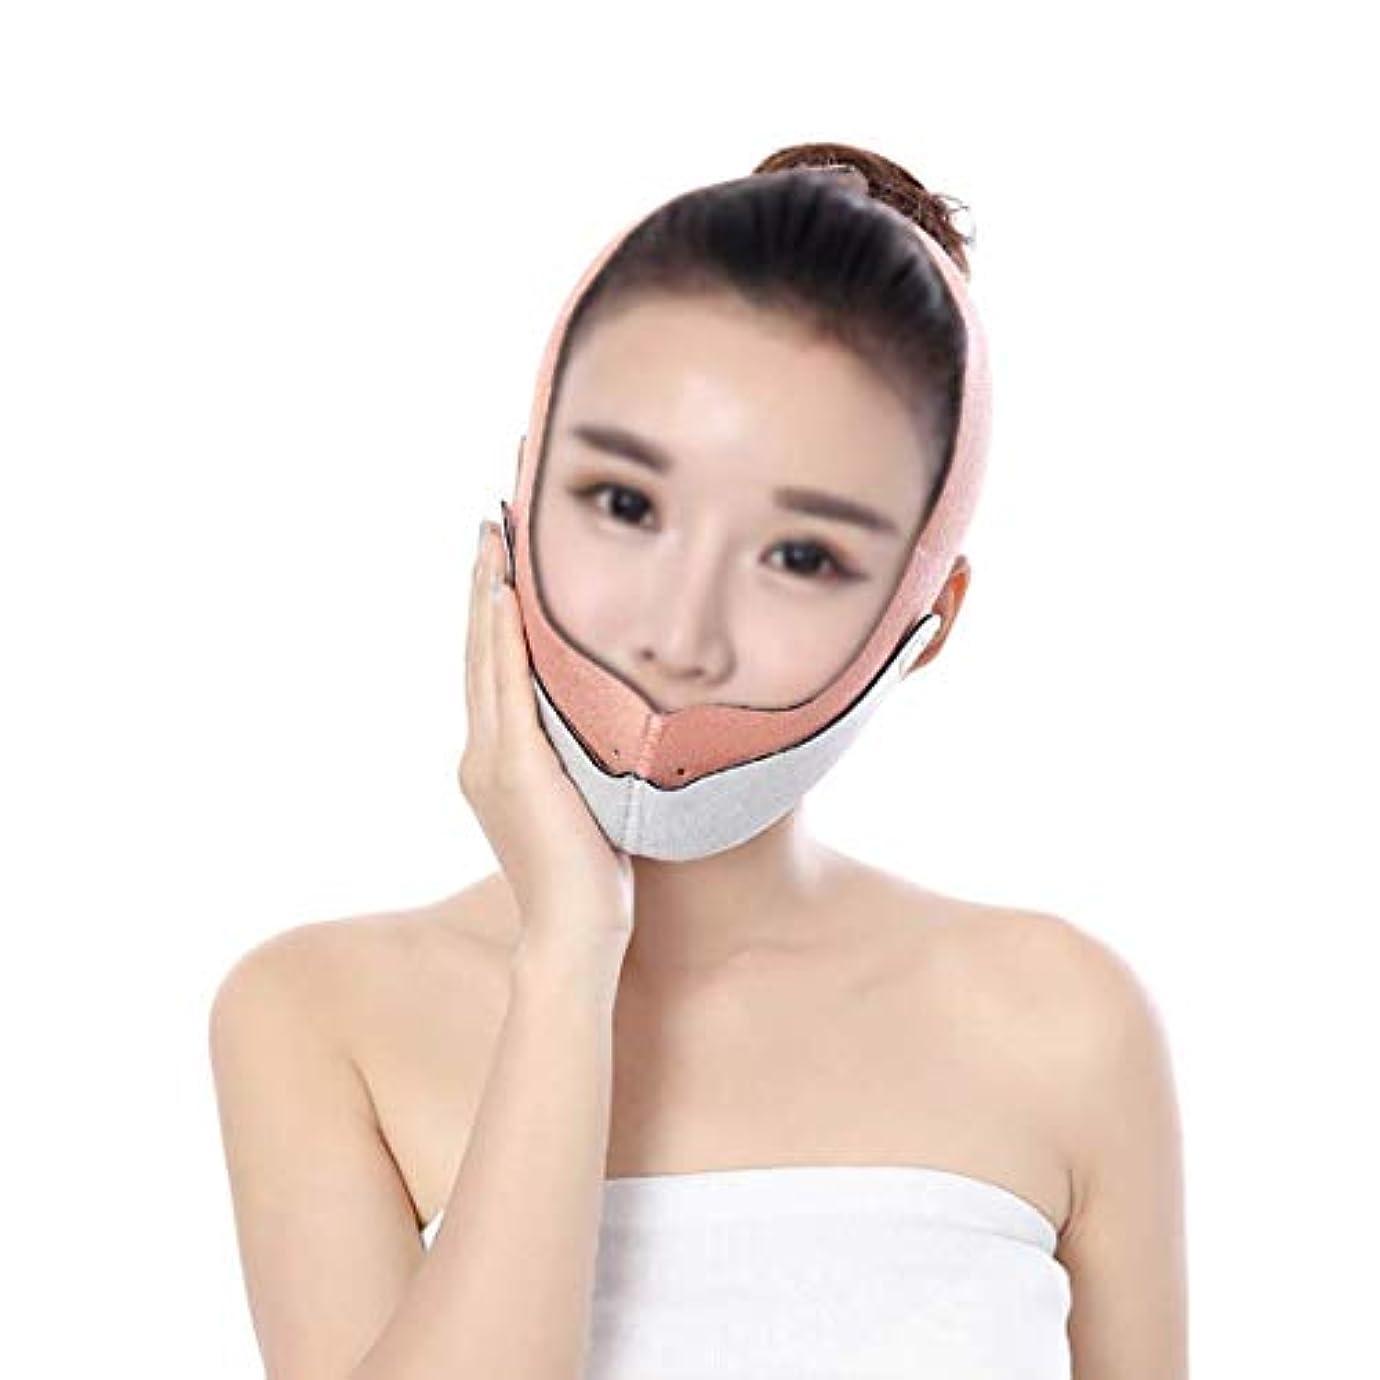 アレルギー性横向きタクトファーミングフェイスマスク、フェイスリフティングアーティファクト修正フェイスリフティングベルトたるみ防止包帯美容マスクマスクV顔布ツール